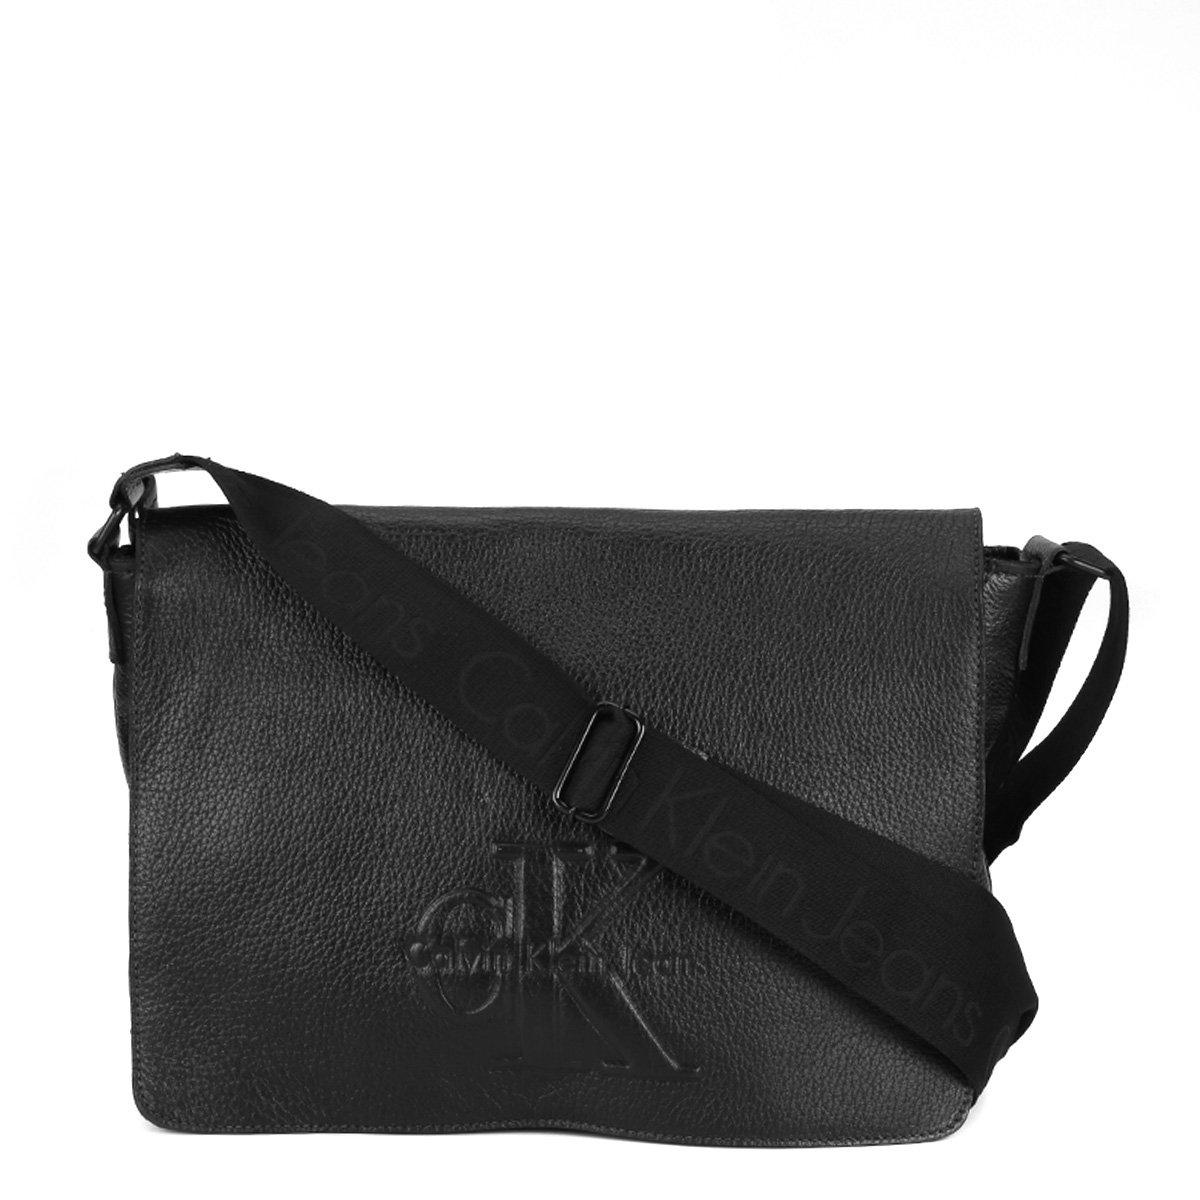 b1ef6d497d Bolsa Couro Calvin Klein Carteiro Masculina | Netshoes